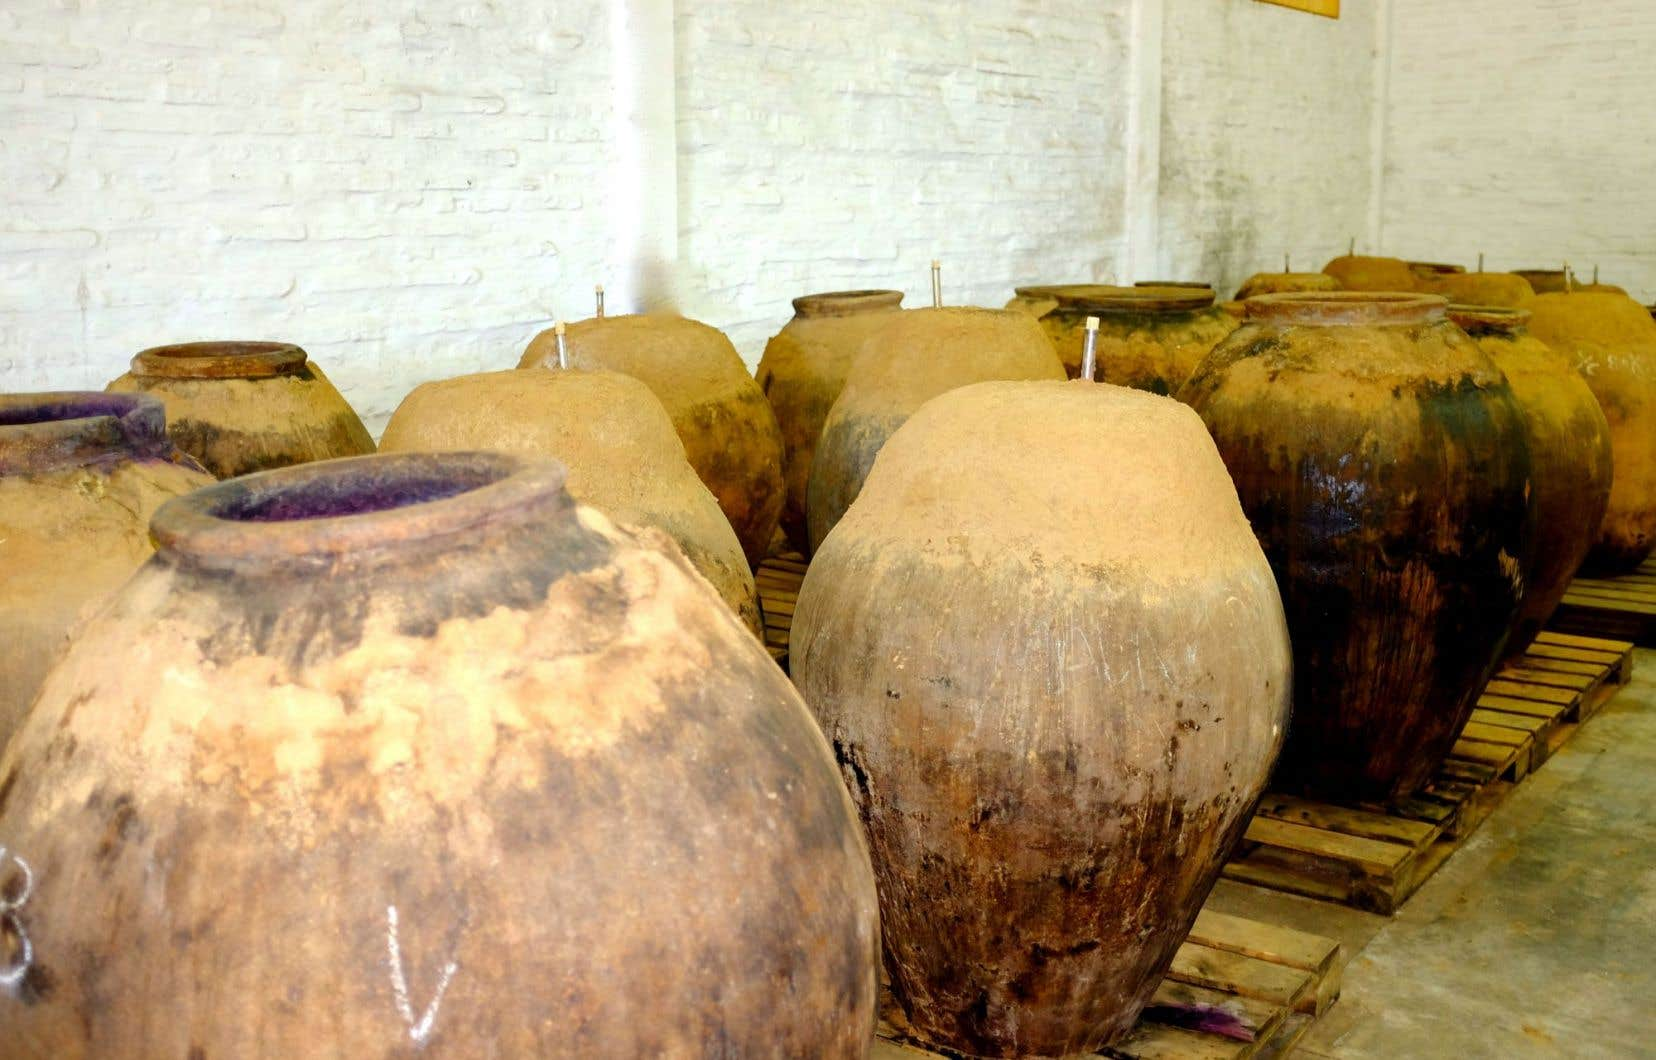 Des amphores prêtes pour la vendange. Ici chez De Martino, au Chili.